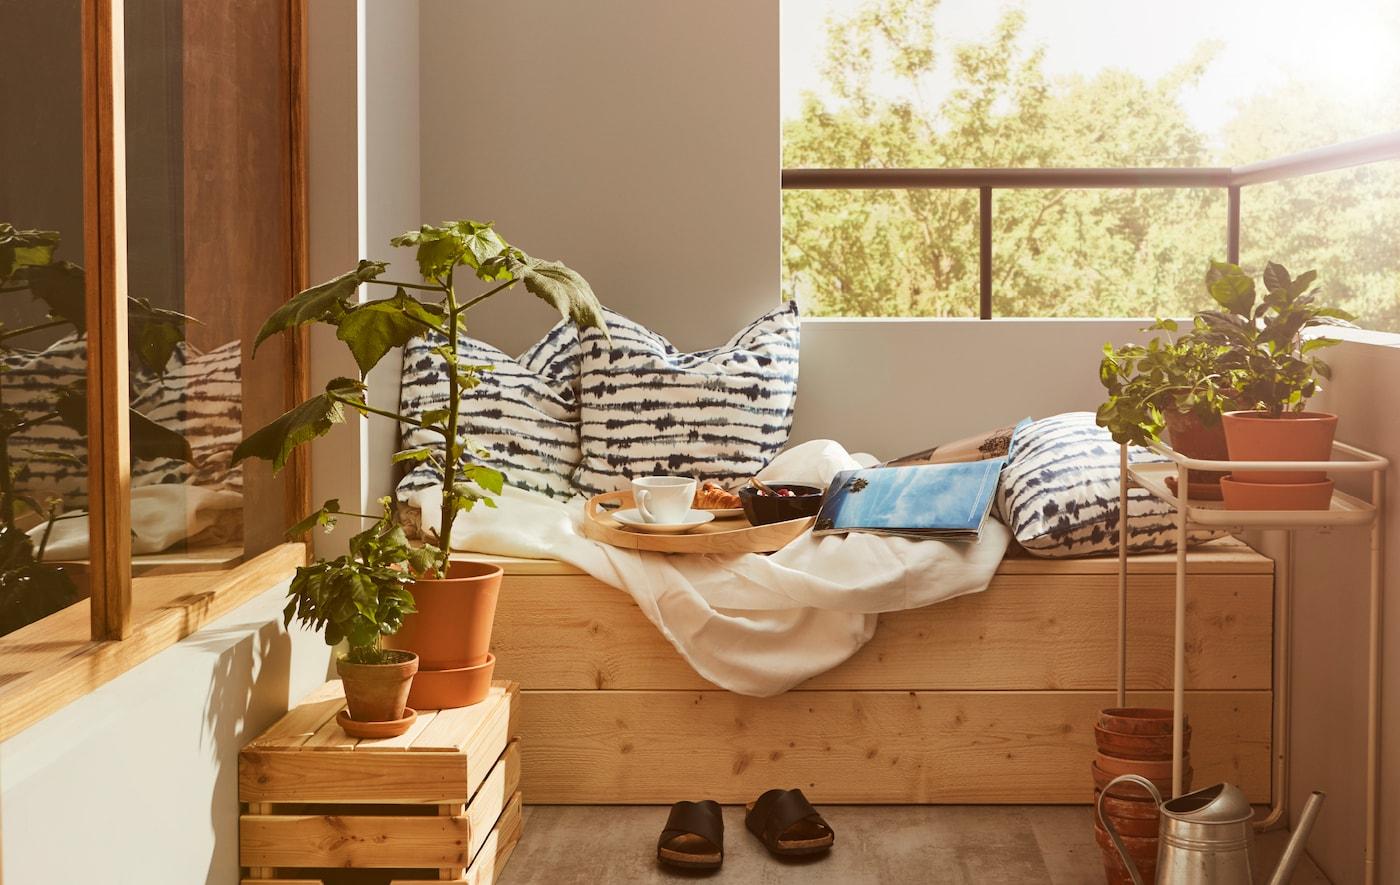 Balkonghörna med upphöjd träyta där det ligger kuddar, sängkläder och står en bricka med en liten frukost.